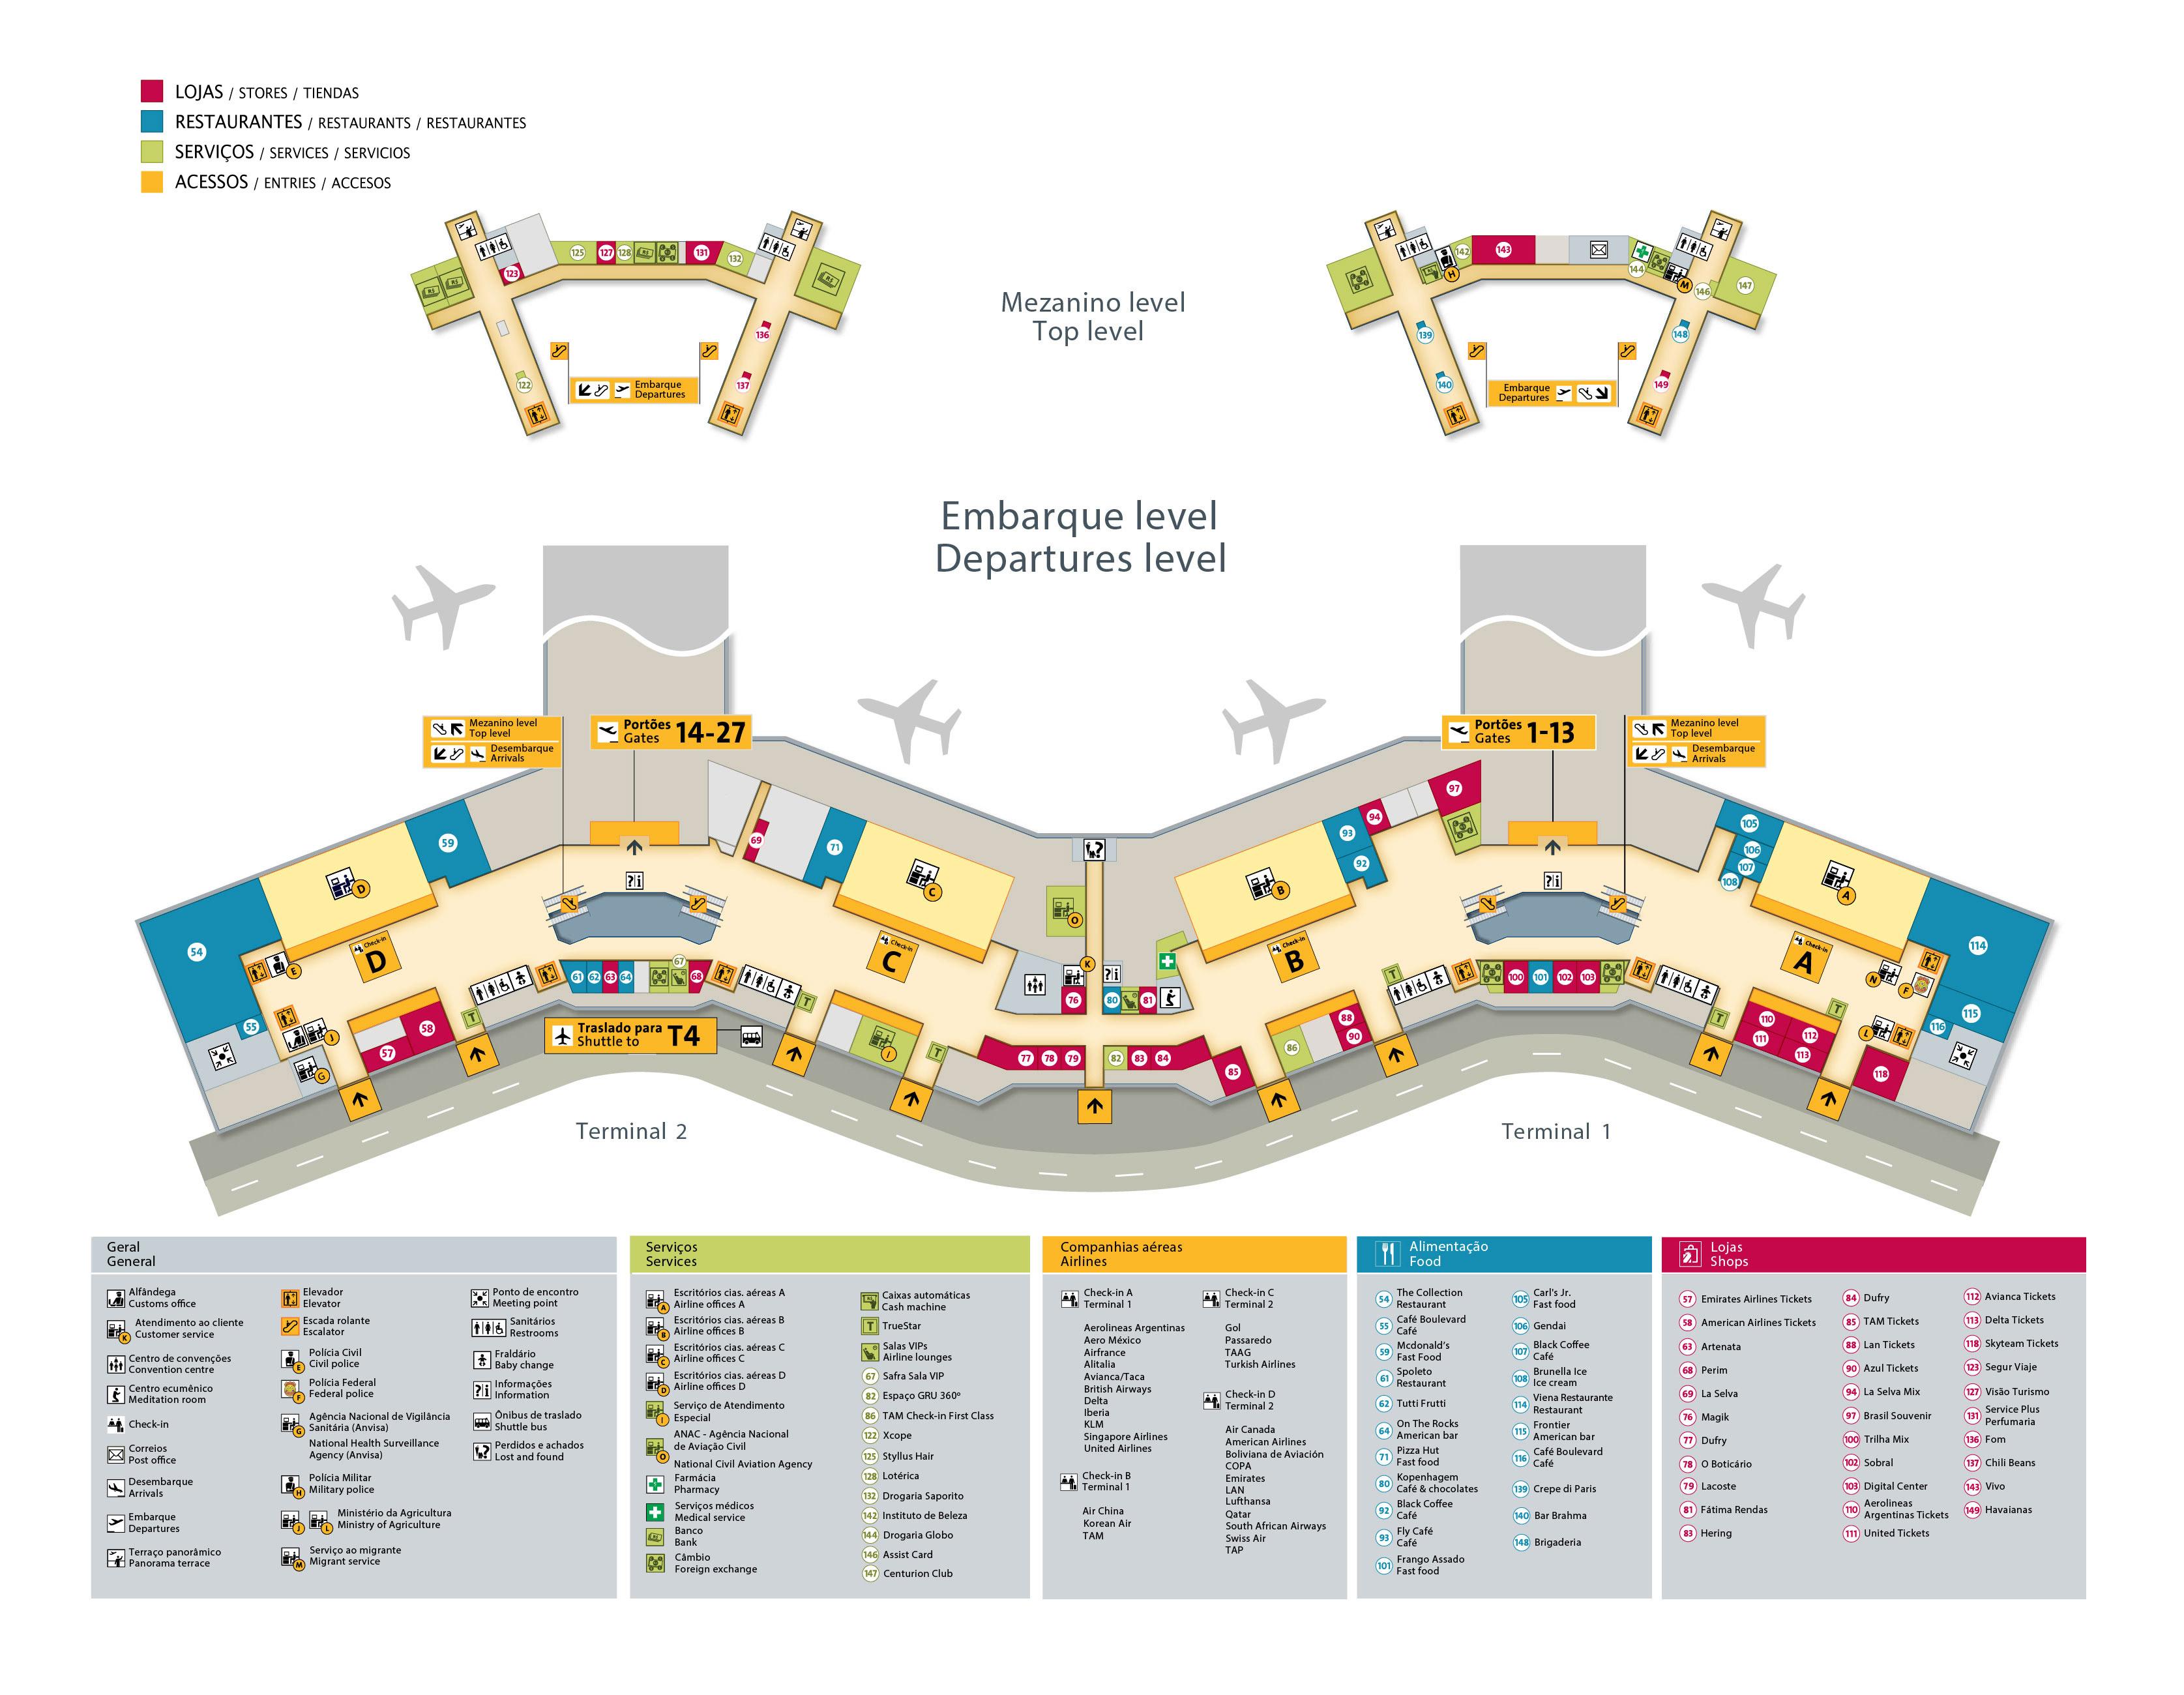 Terminais do Aeroporto de Guarulhos - Foto: Divulgação